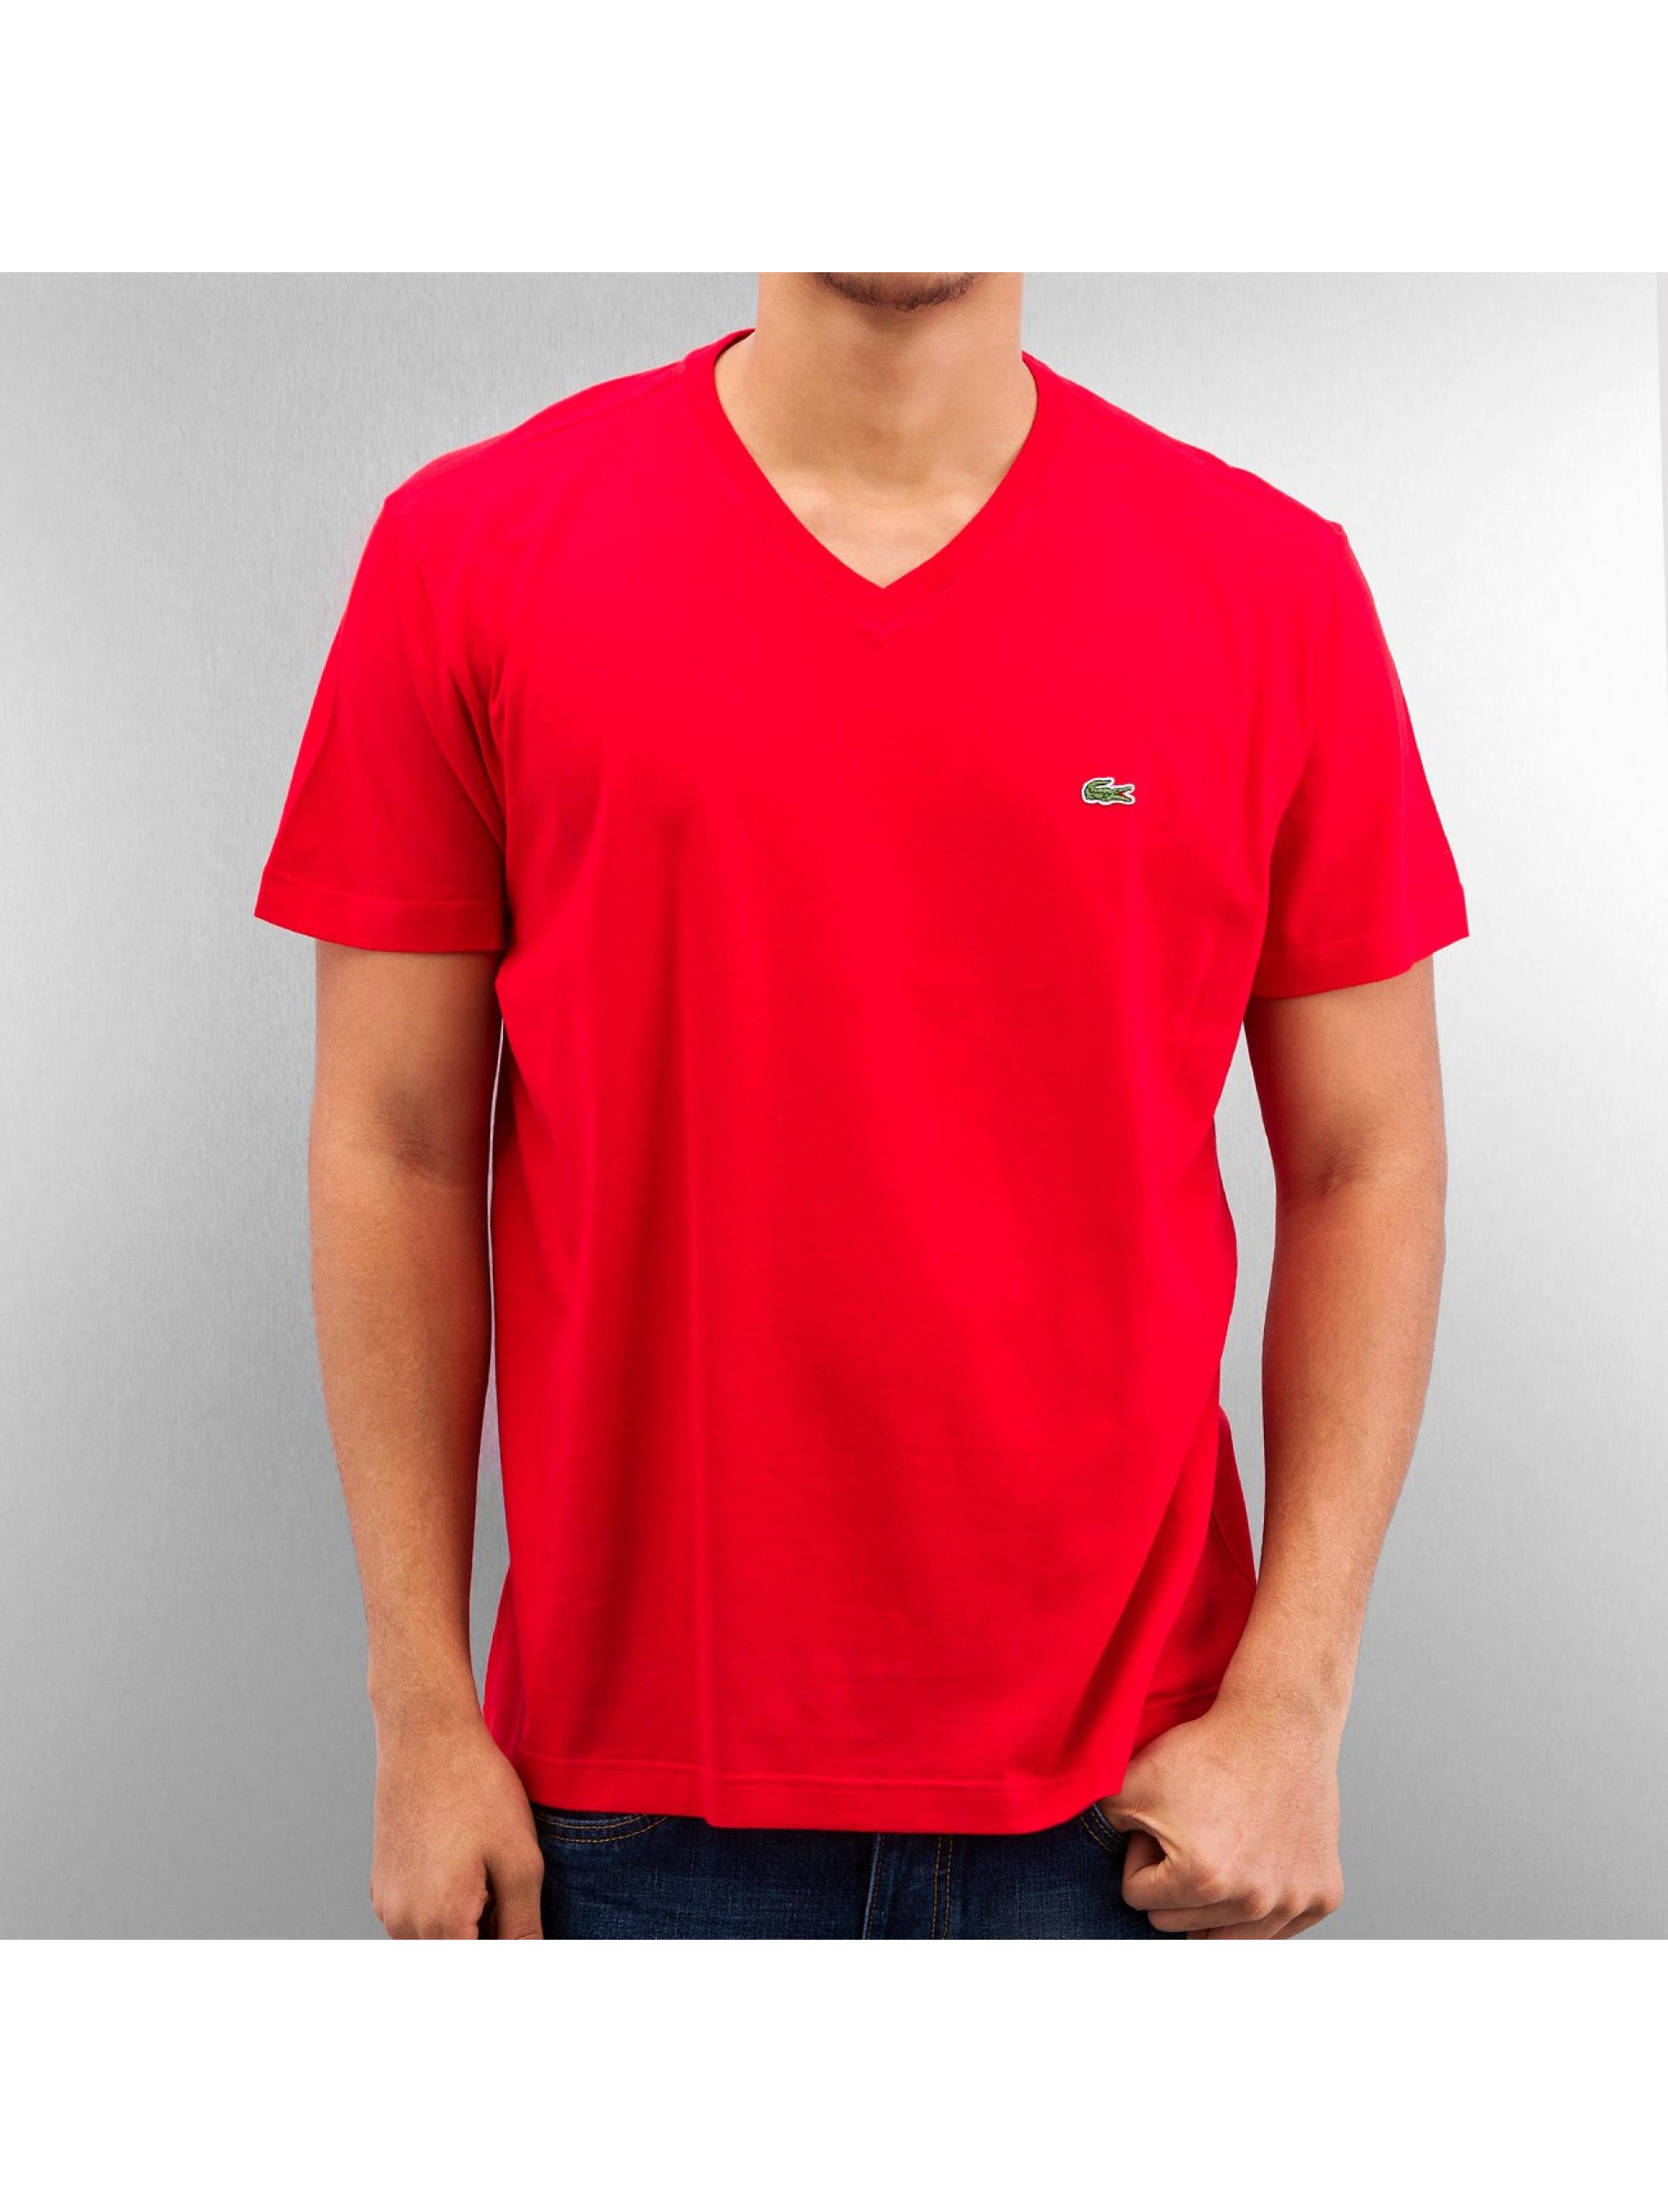 lacoste classic classic rouge homme t shirt lacoste classic acheter pas cher haut 163977. Black Bedroom Furniture Sets. Home Design Ideas